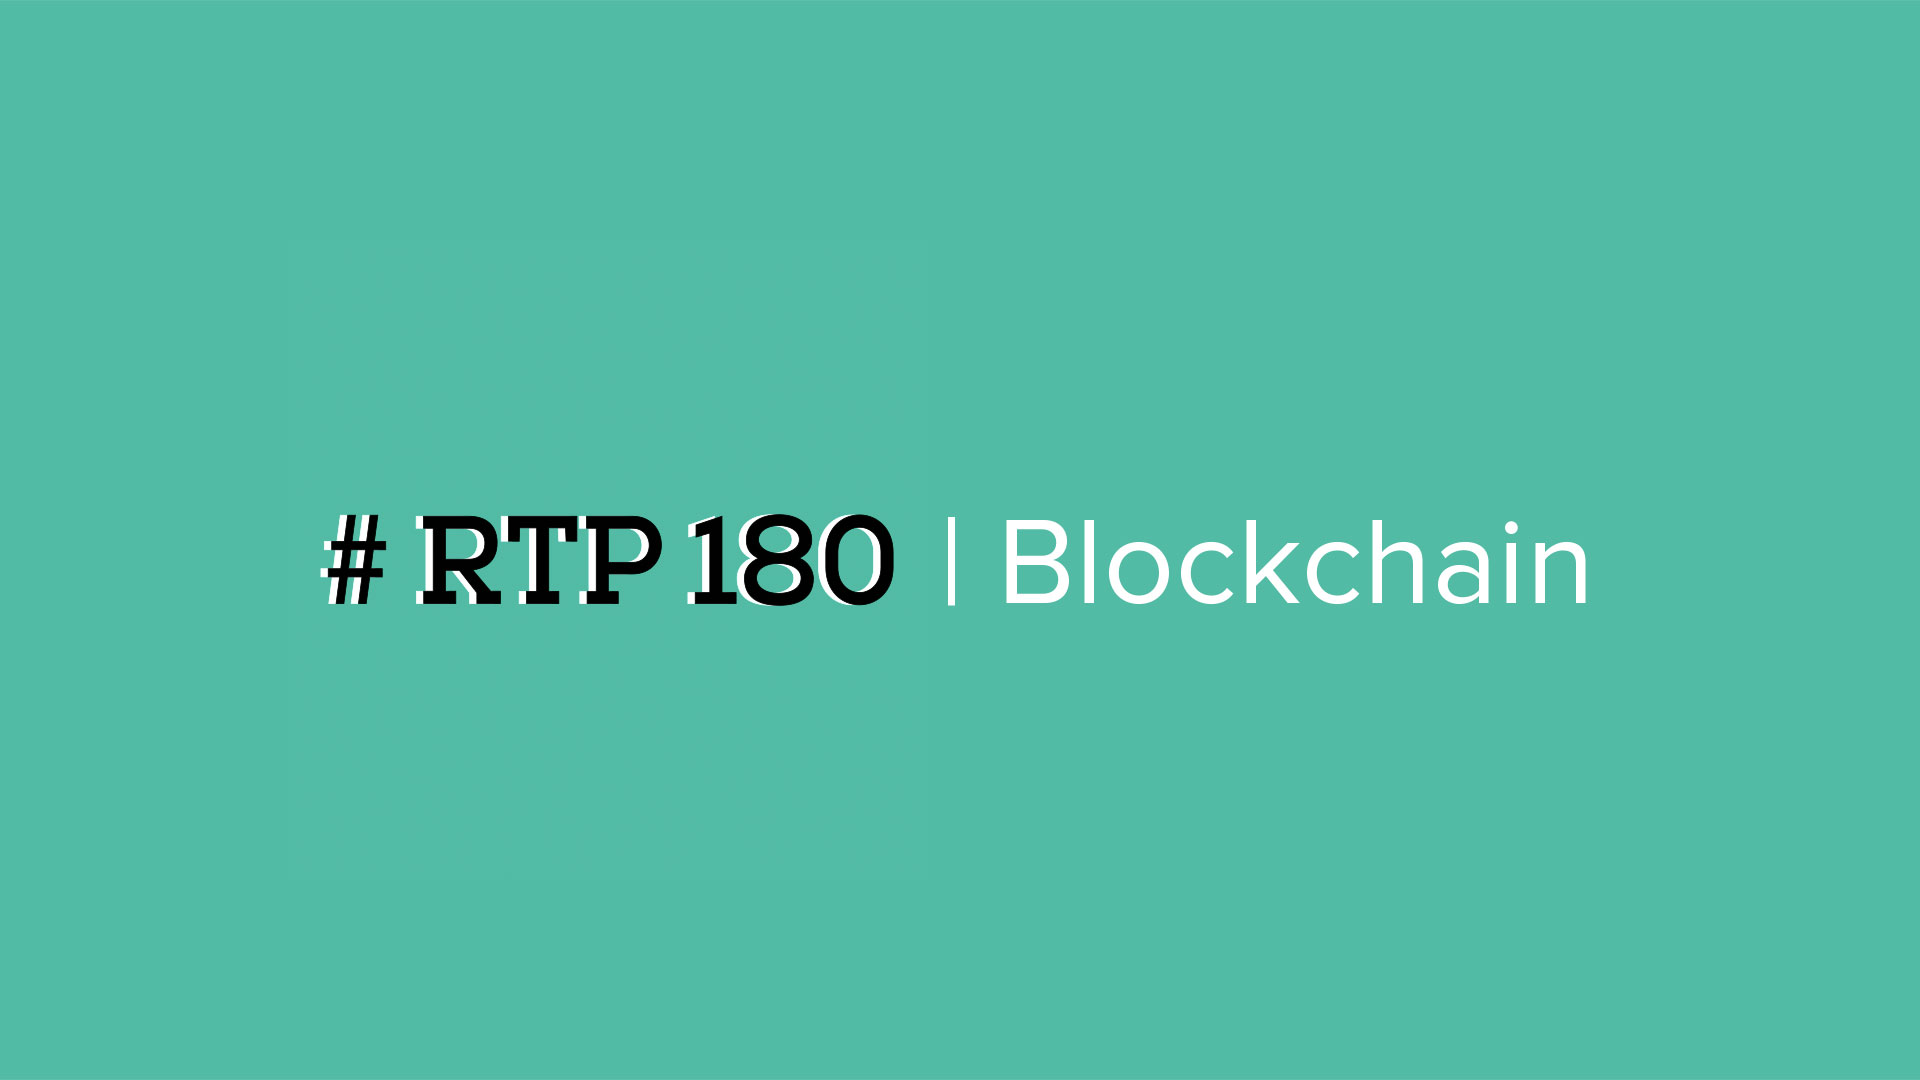 RTP | 180 Blockchain